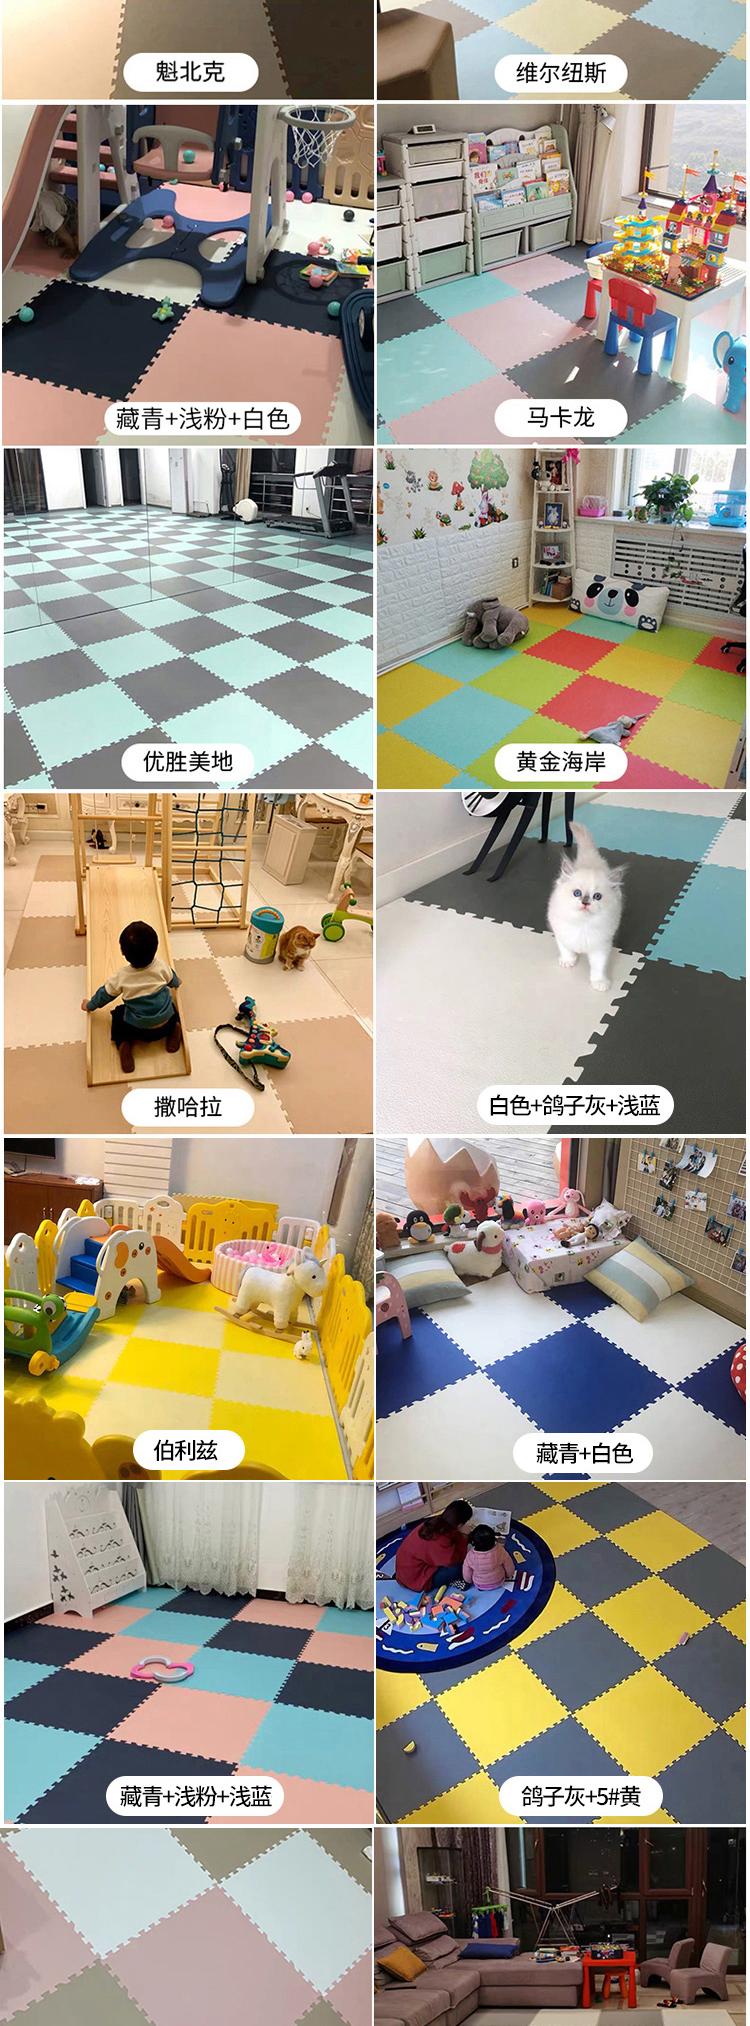 加厚泡沫拼接地垫儿童爬行垫婴儿爬爬垫宝宝游戏垫室内居家地板垫详细照片